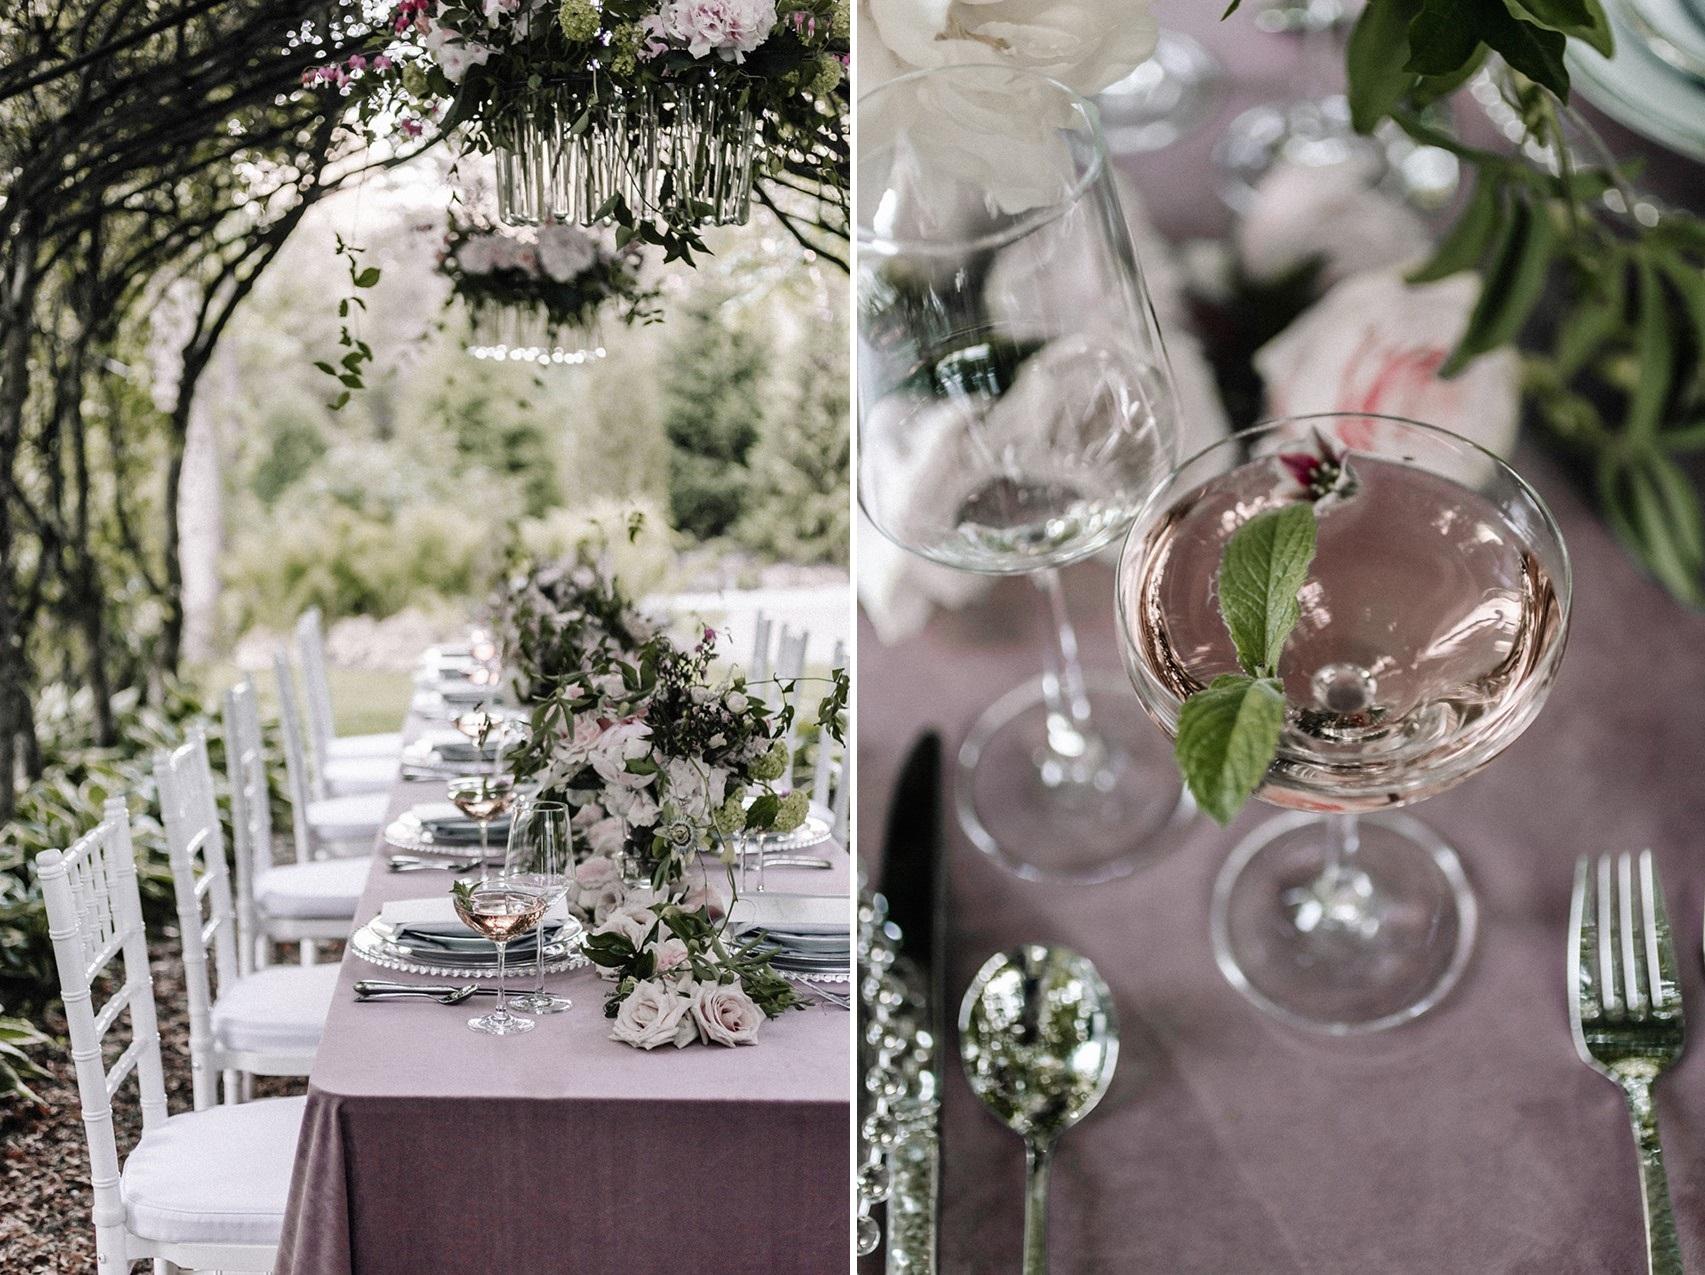 Fairytale Wedding Table